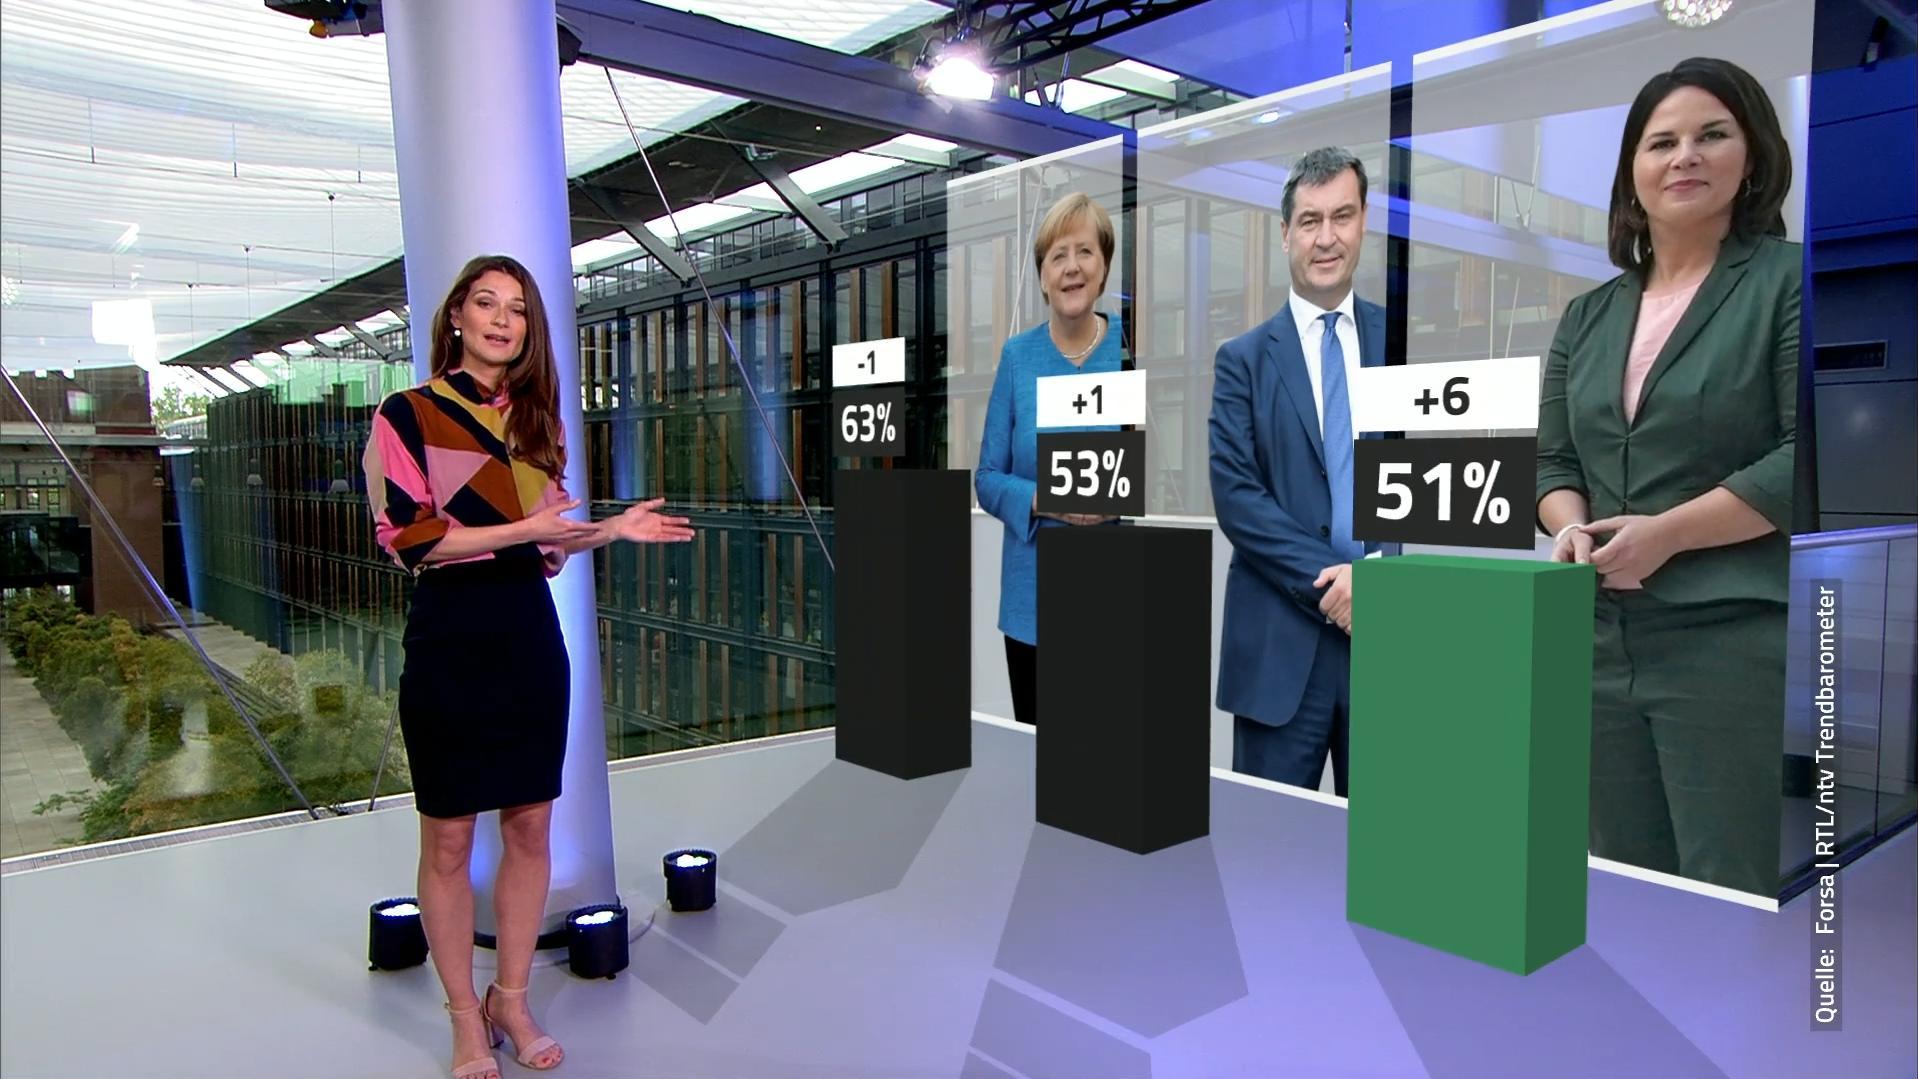 RTL/ntv-Trendbarometer: Merkel genießt das größte Vertrauen bei den Bürgern